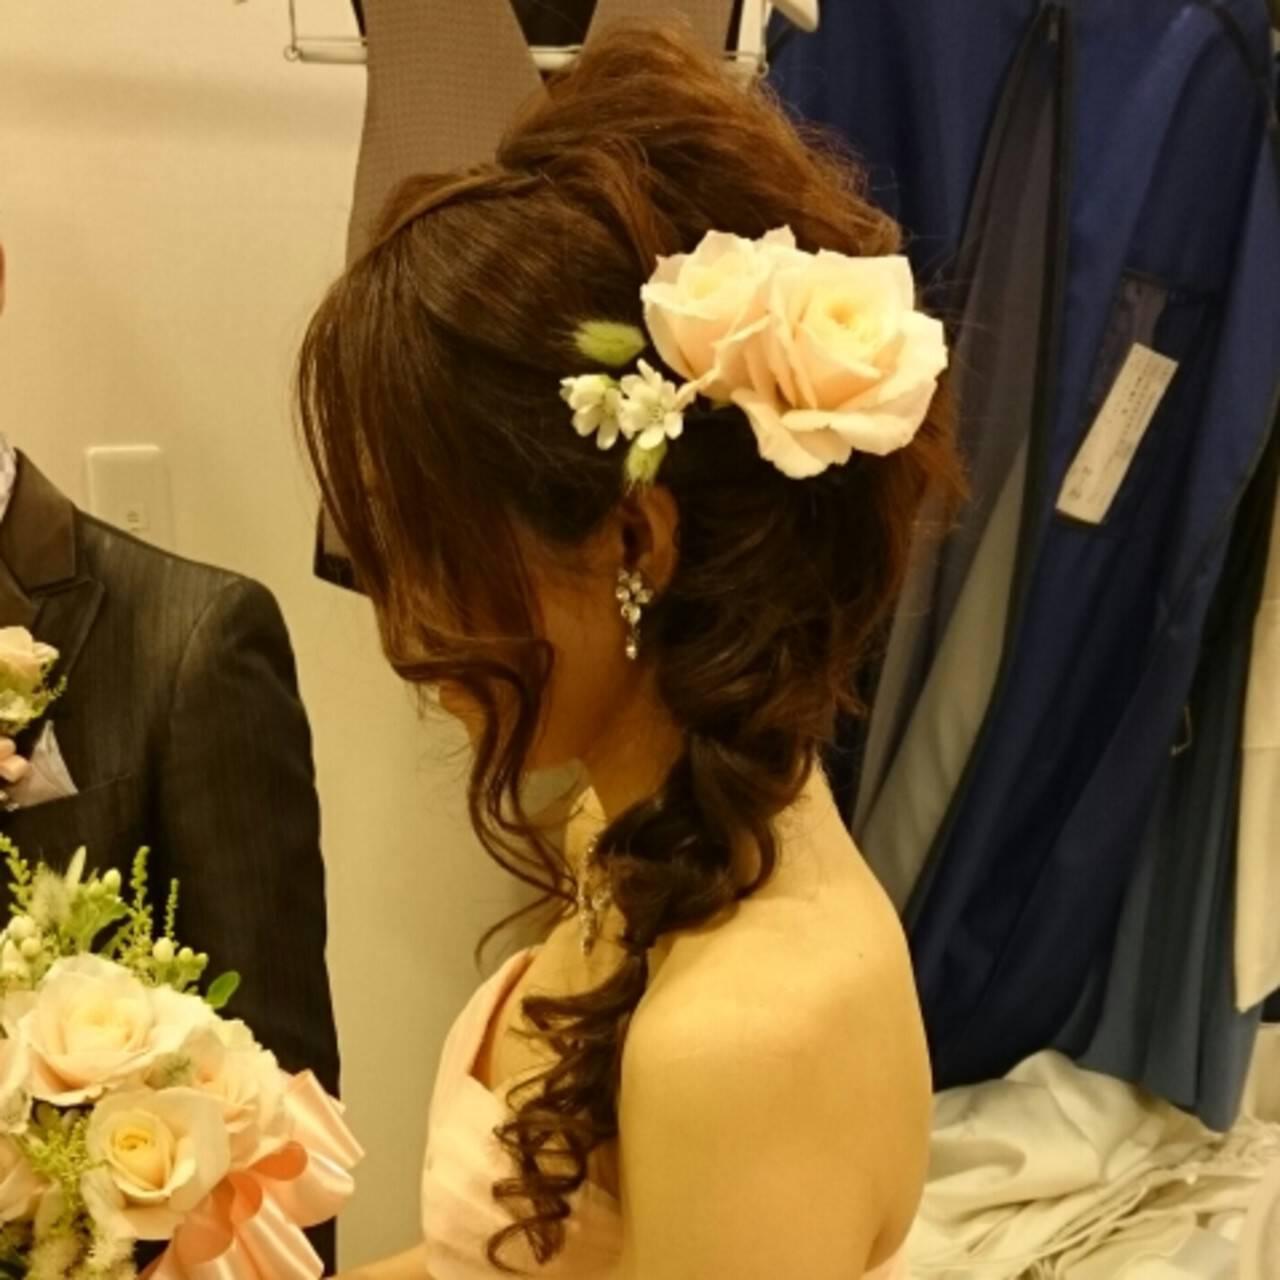 ミディアム 結婚式 ヘアアレンジ ブライダルヘアスタイルや髪型の写真・画像